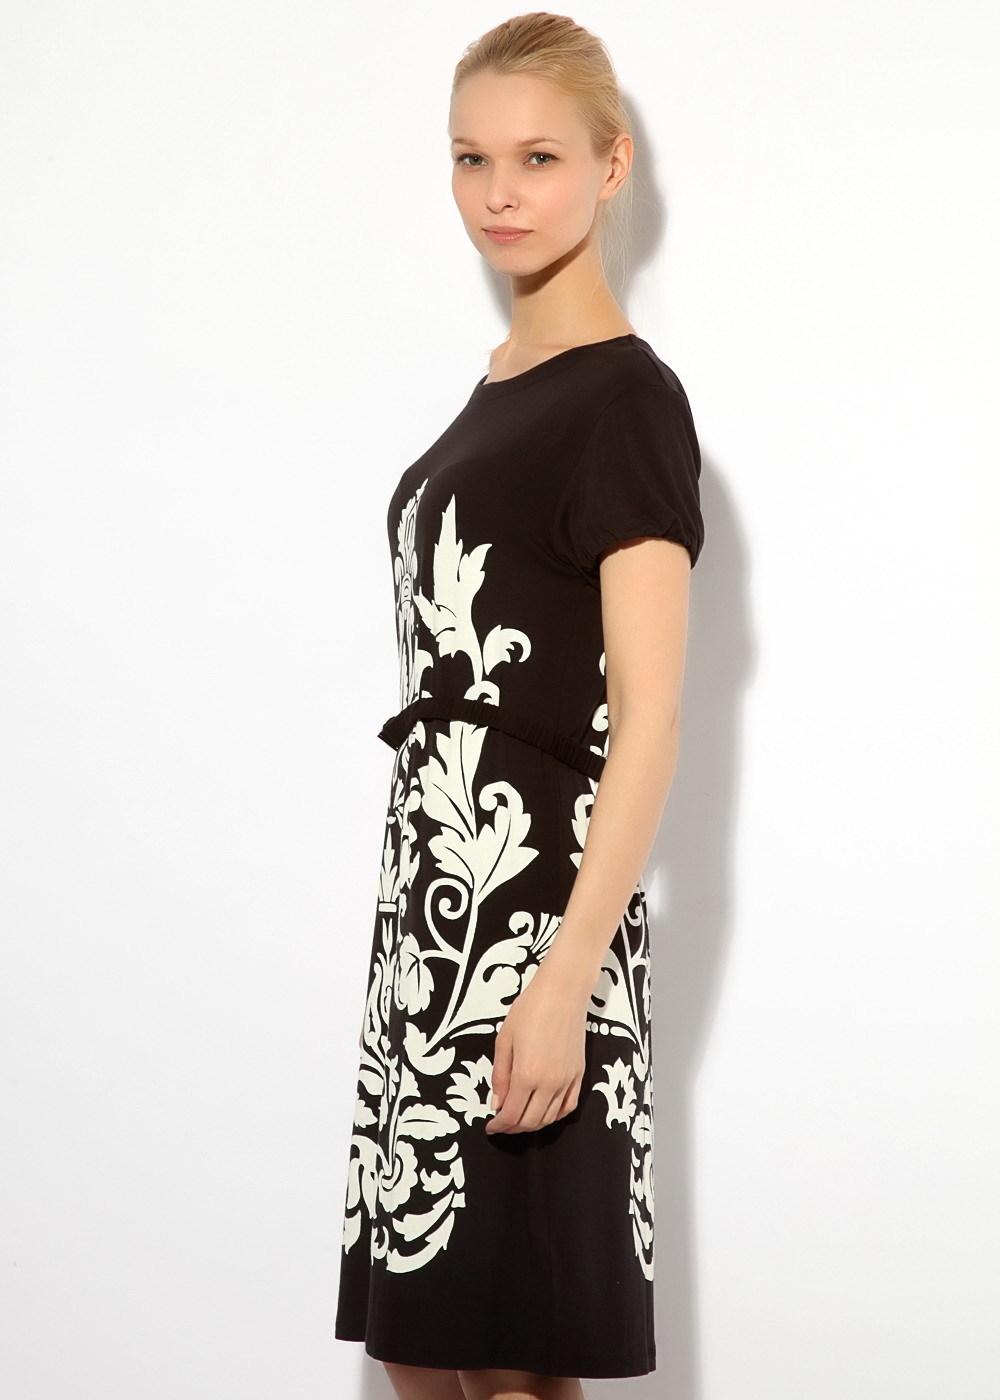 Белсток Бай Магазин Женской Одежды Доставка